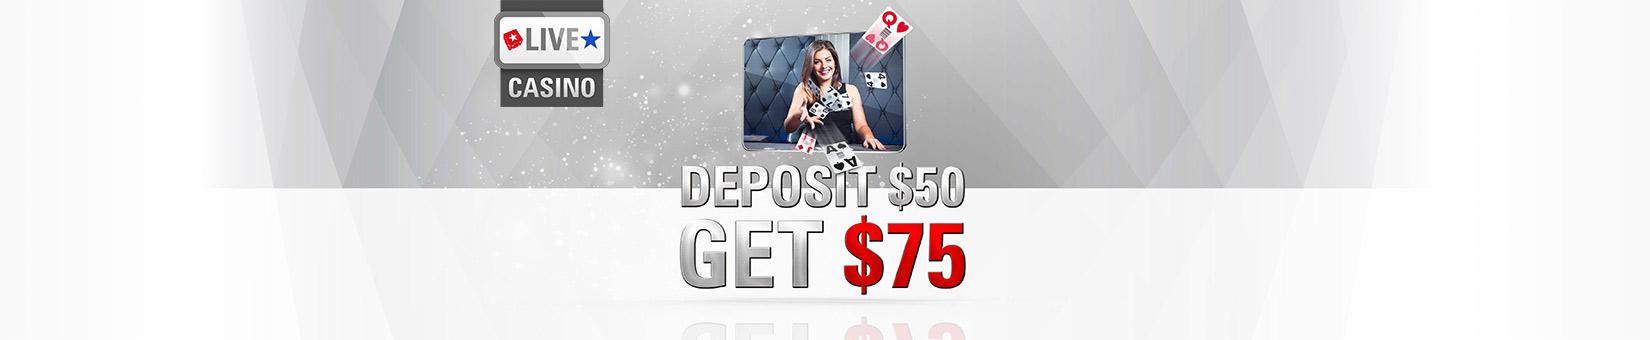 Códigos promocionales para el casino en línea-552249